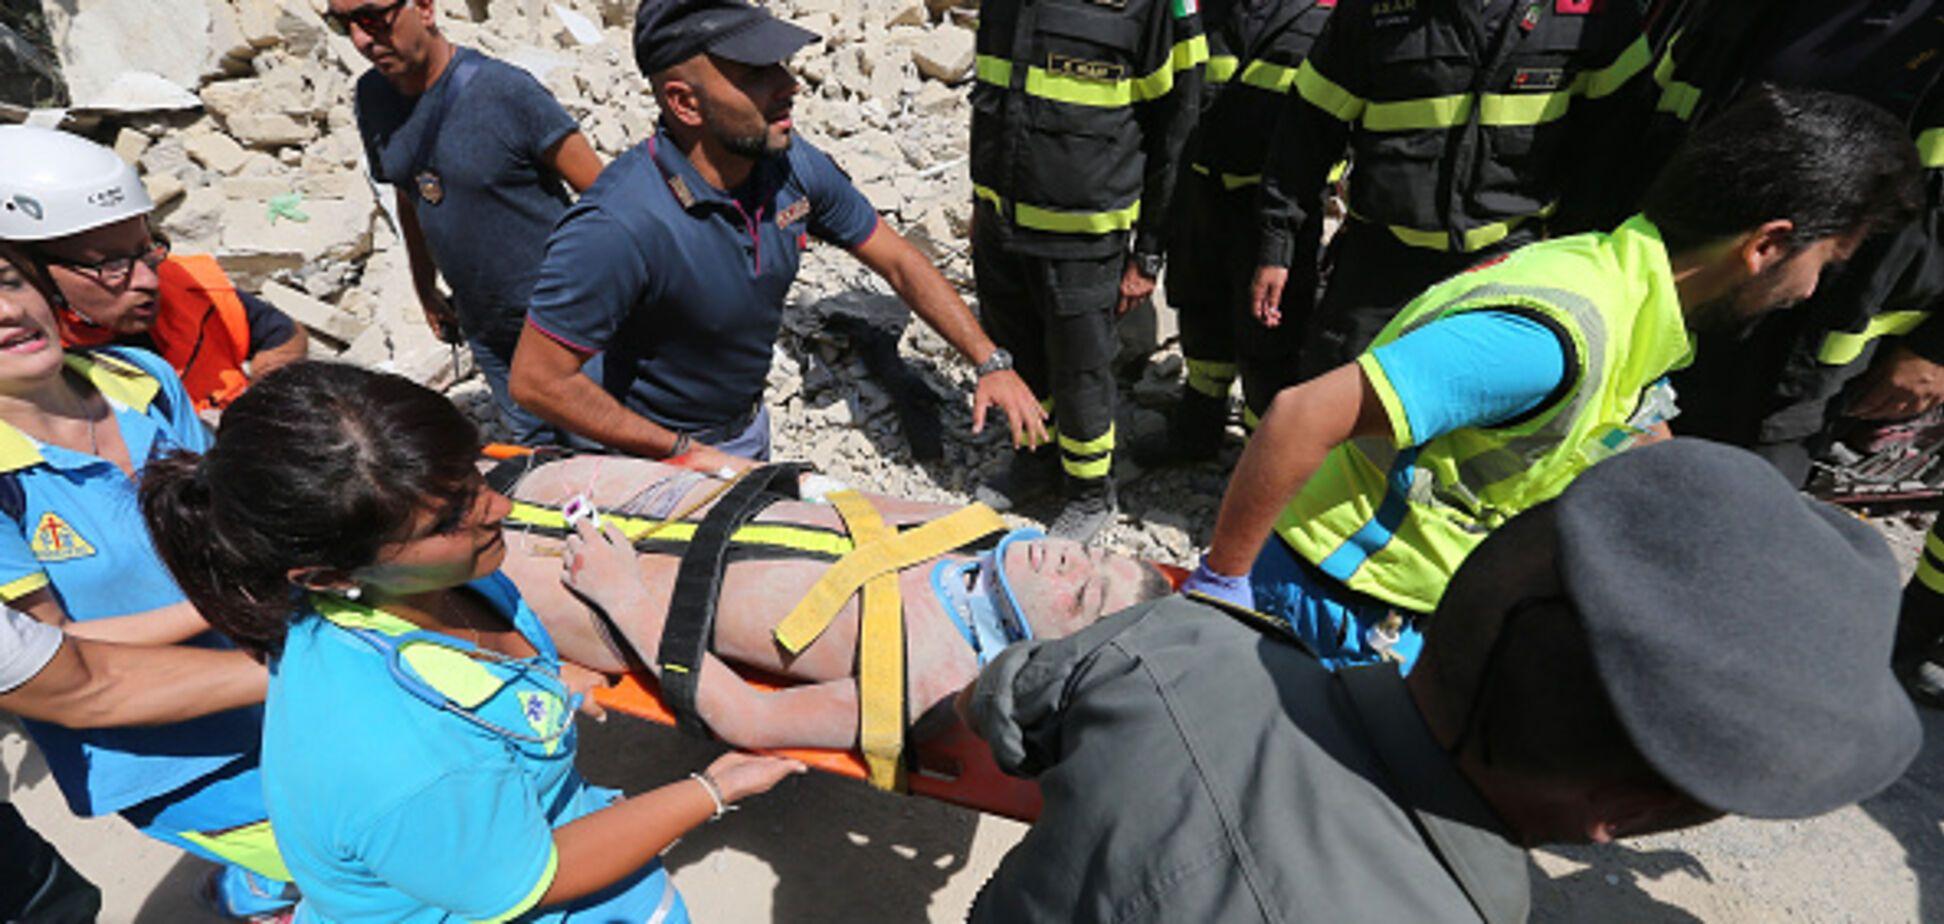 Батько всю ніч рив голими руками: відео порятунку трьох дітей з-під завалів в Італії зворушило світ